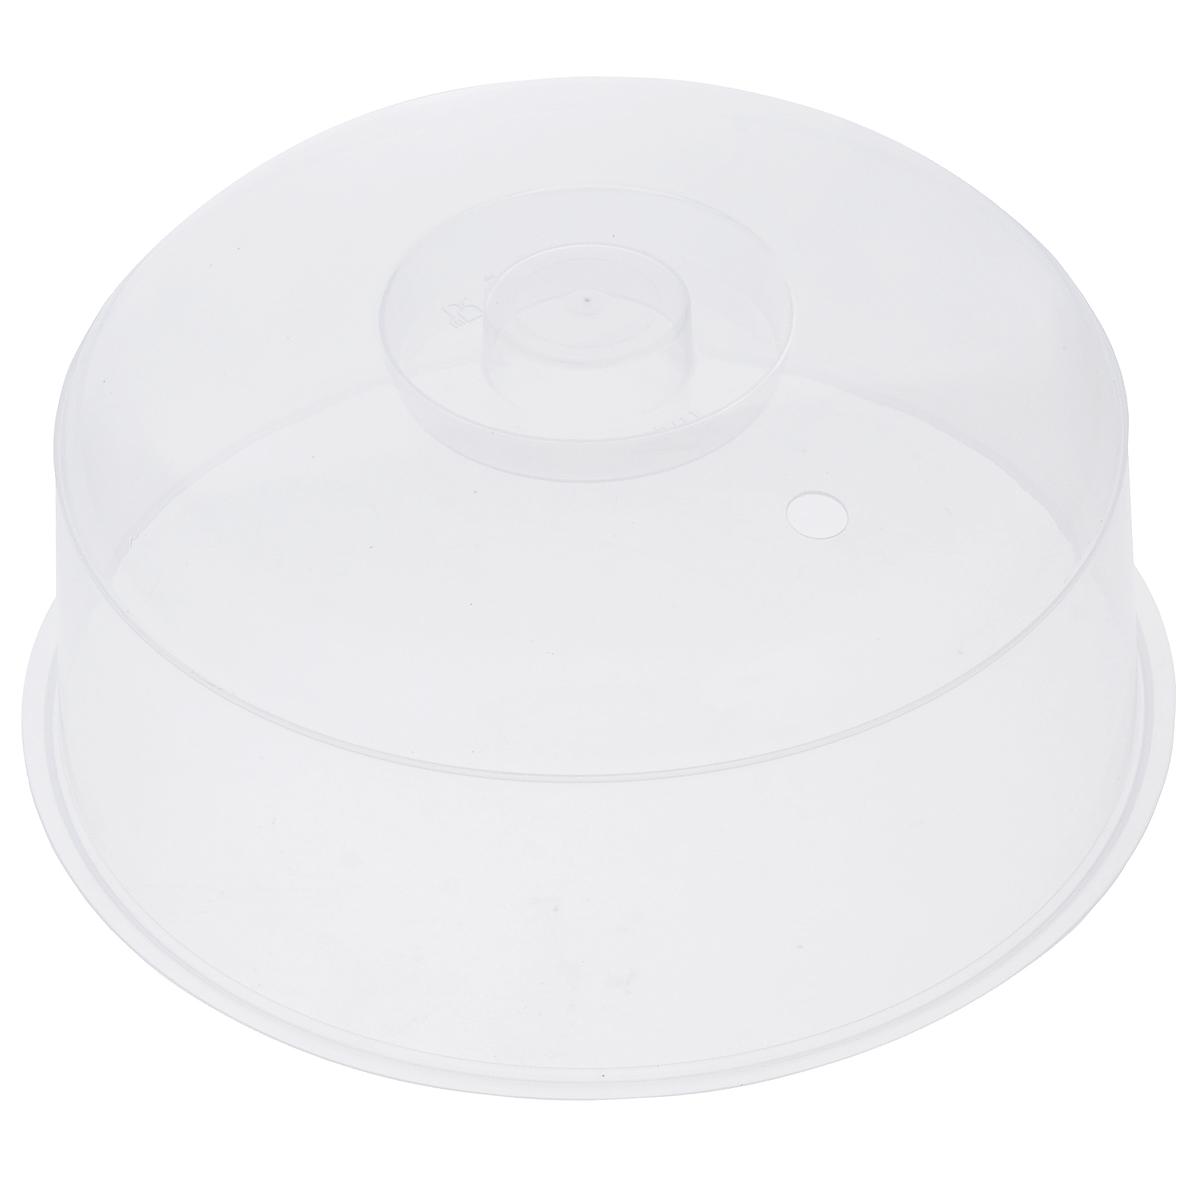 Крышка для микроволновой печи Idea, цвет: прозрачный, диаметр 24,5 см54 009312Крышка для микроволновой печи Idea изготовлена из высококачественного прозрачного полипропилена. Изделие предназначено для разогрева пищевых продуктов в микроволновой печи. Просто накройте блюдо крышкой и поставьте в микроволновую печь. Пища разогреется быстрее, а внутренние стенки печи останутся чистыми.